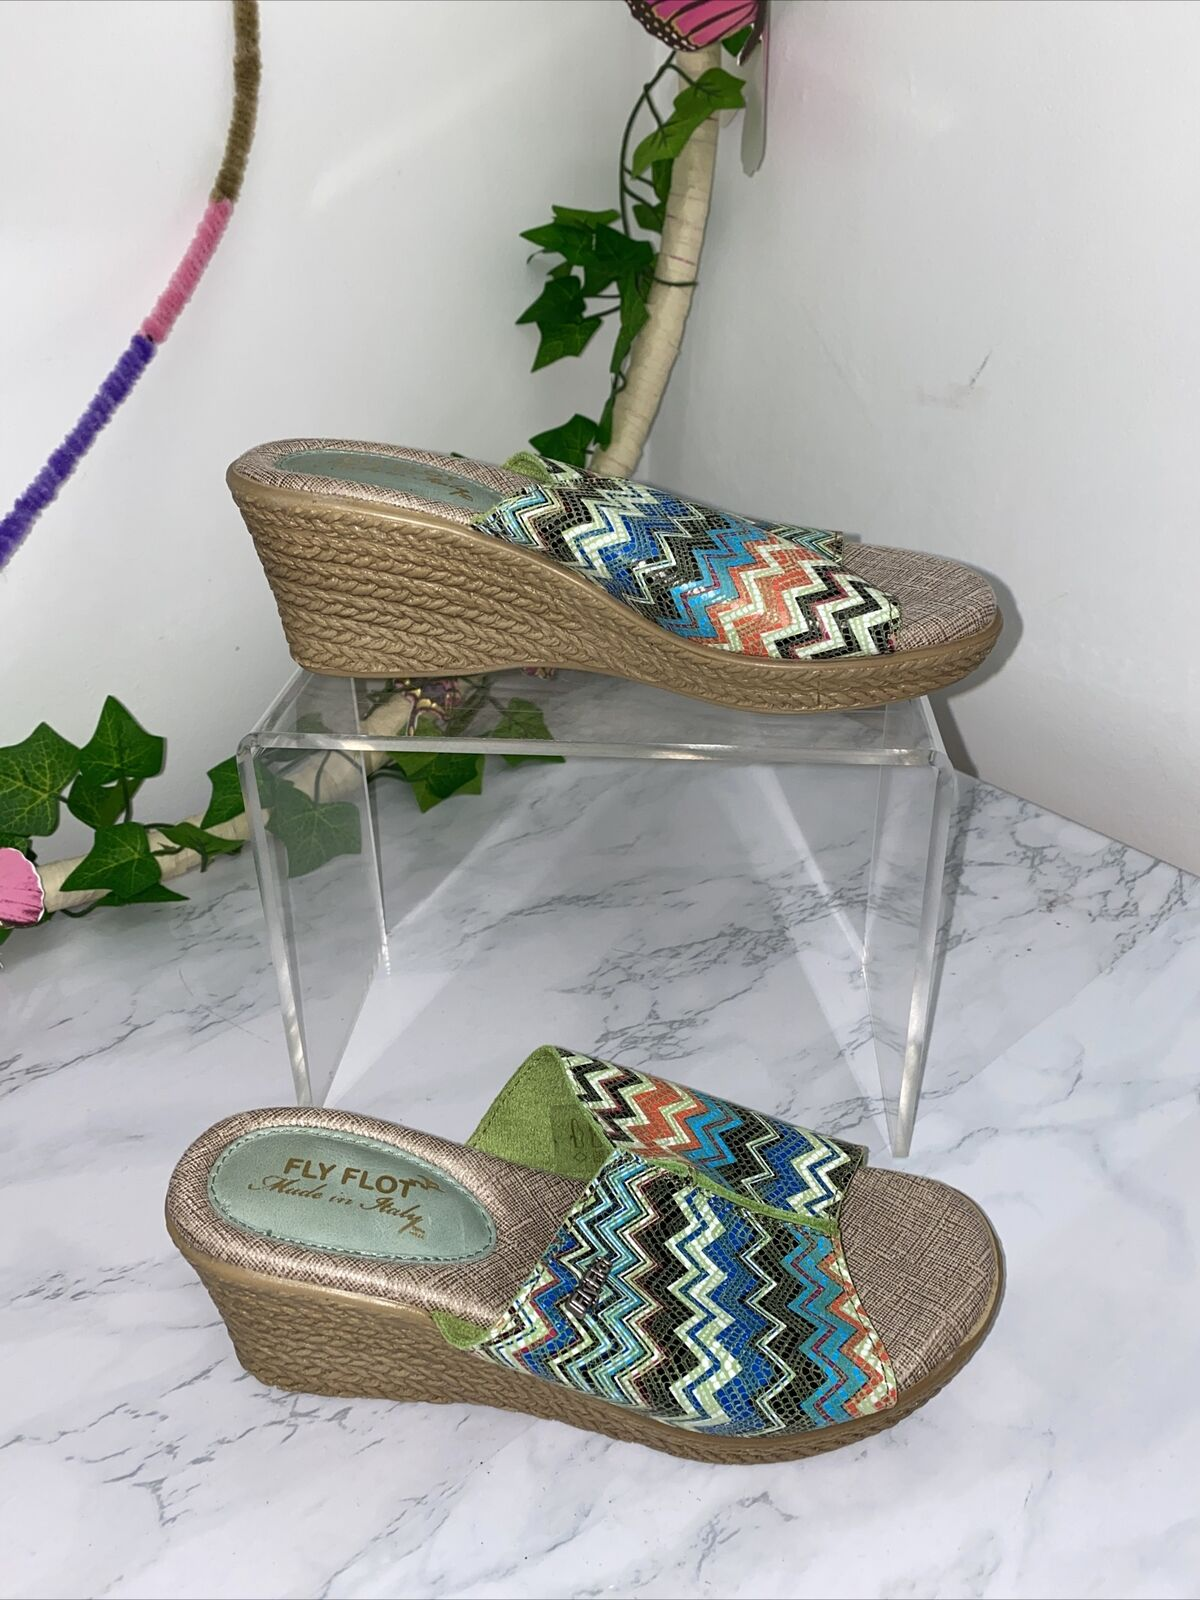 Fly Flot Multicoloured Stripe Boho Slip On Wedges Mules Size 2 Ladies New #16